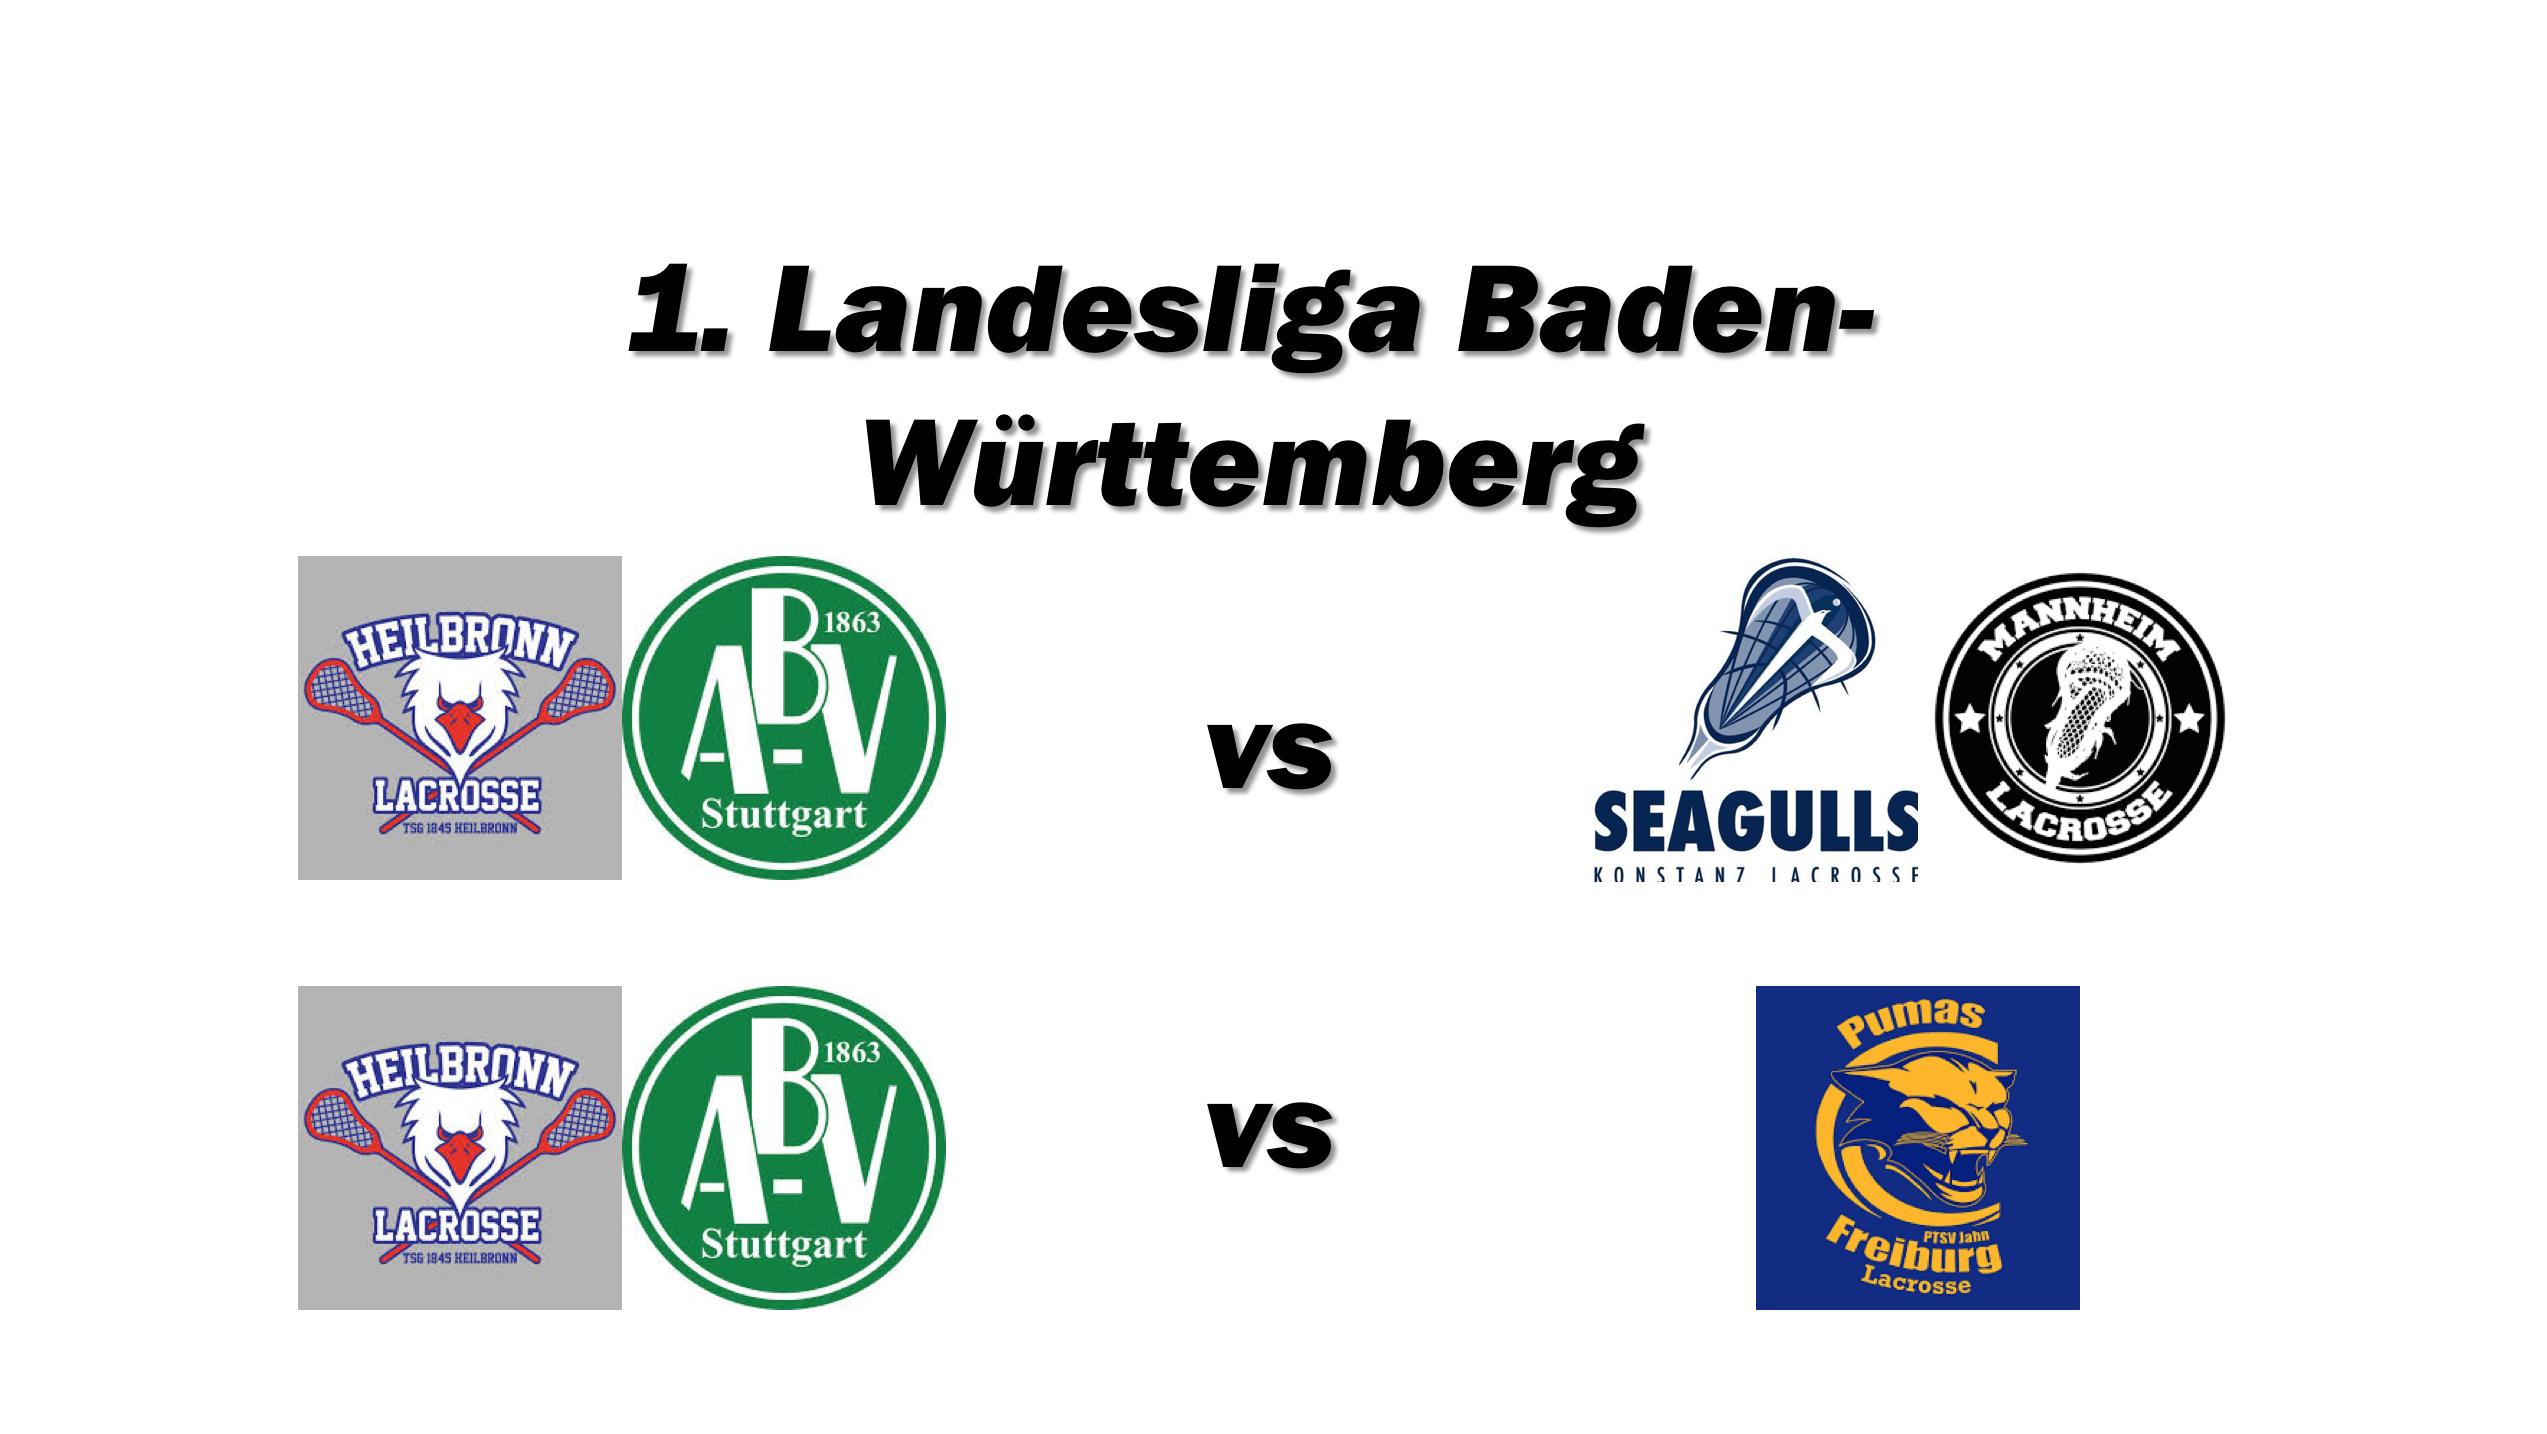 1. Landesliga Baden-Württemberg der Damen